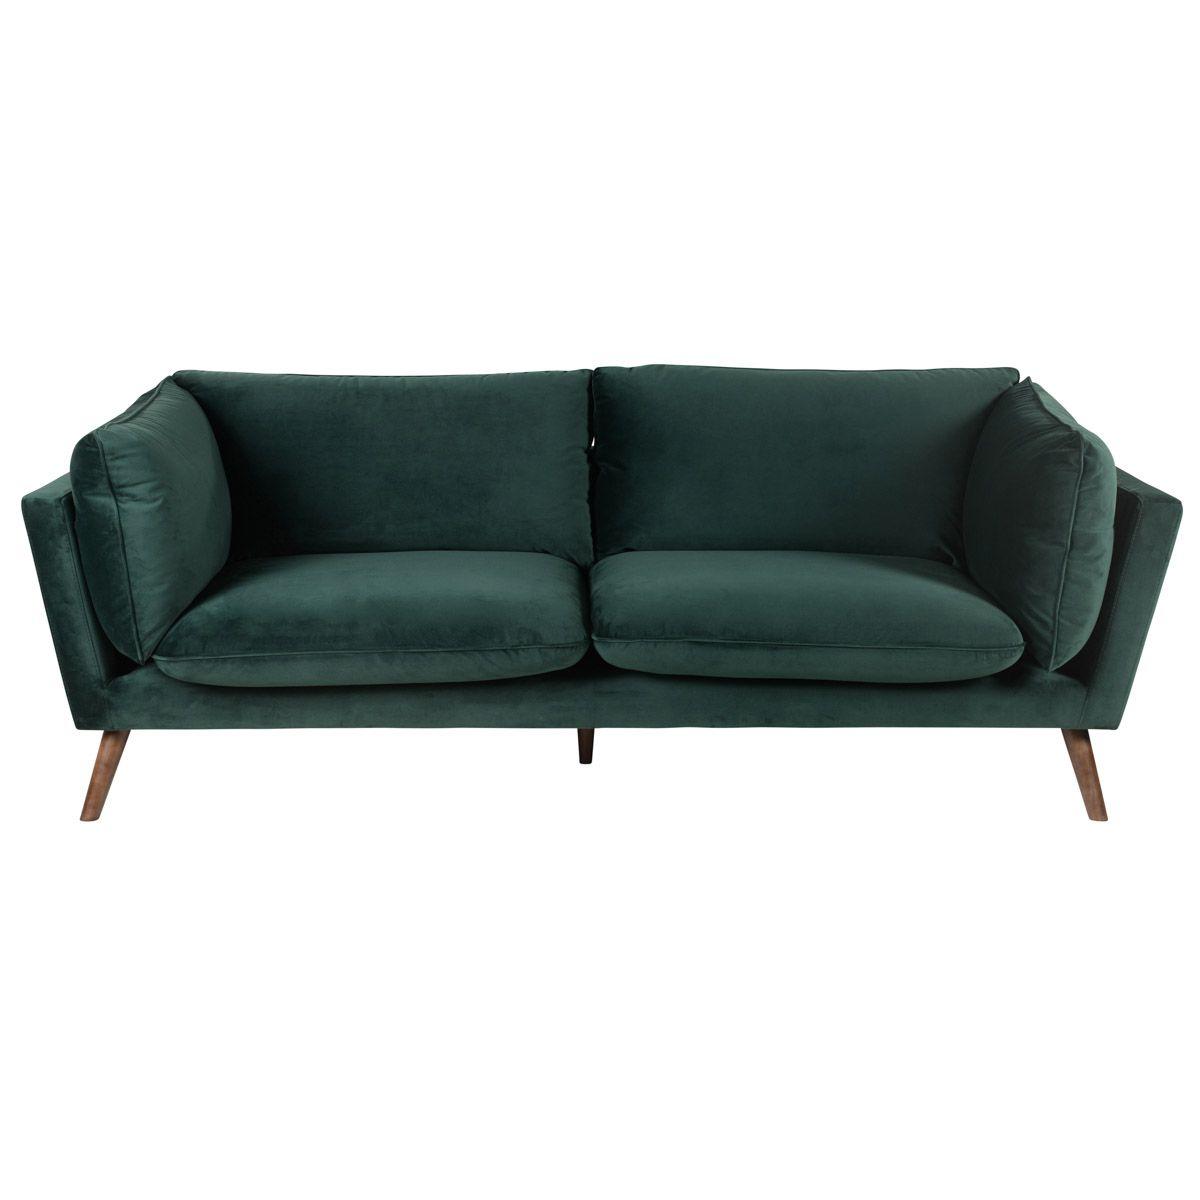 Canapé 3 places vert en velours